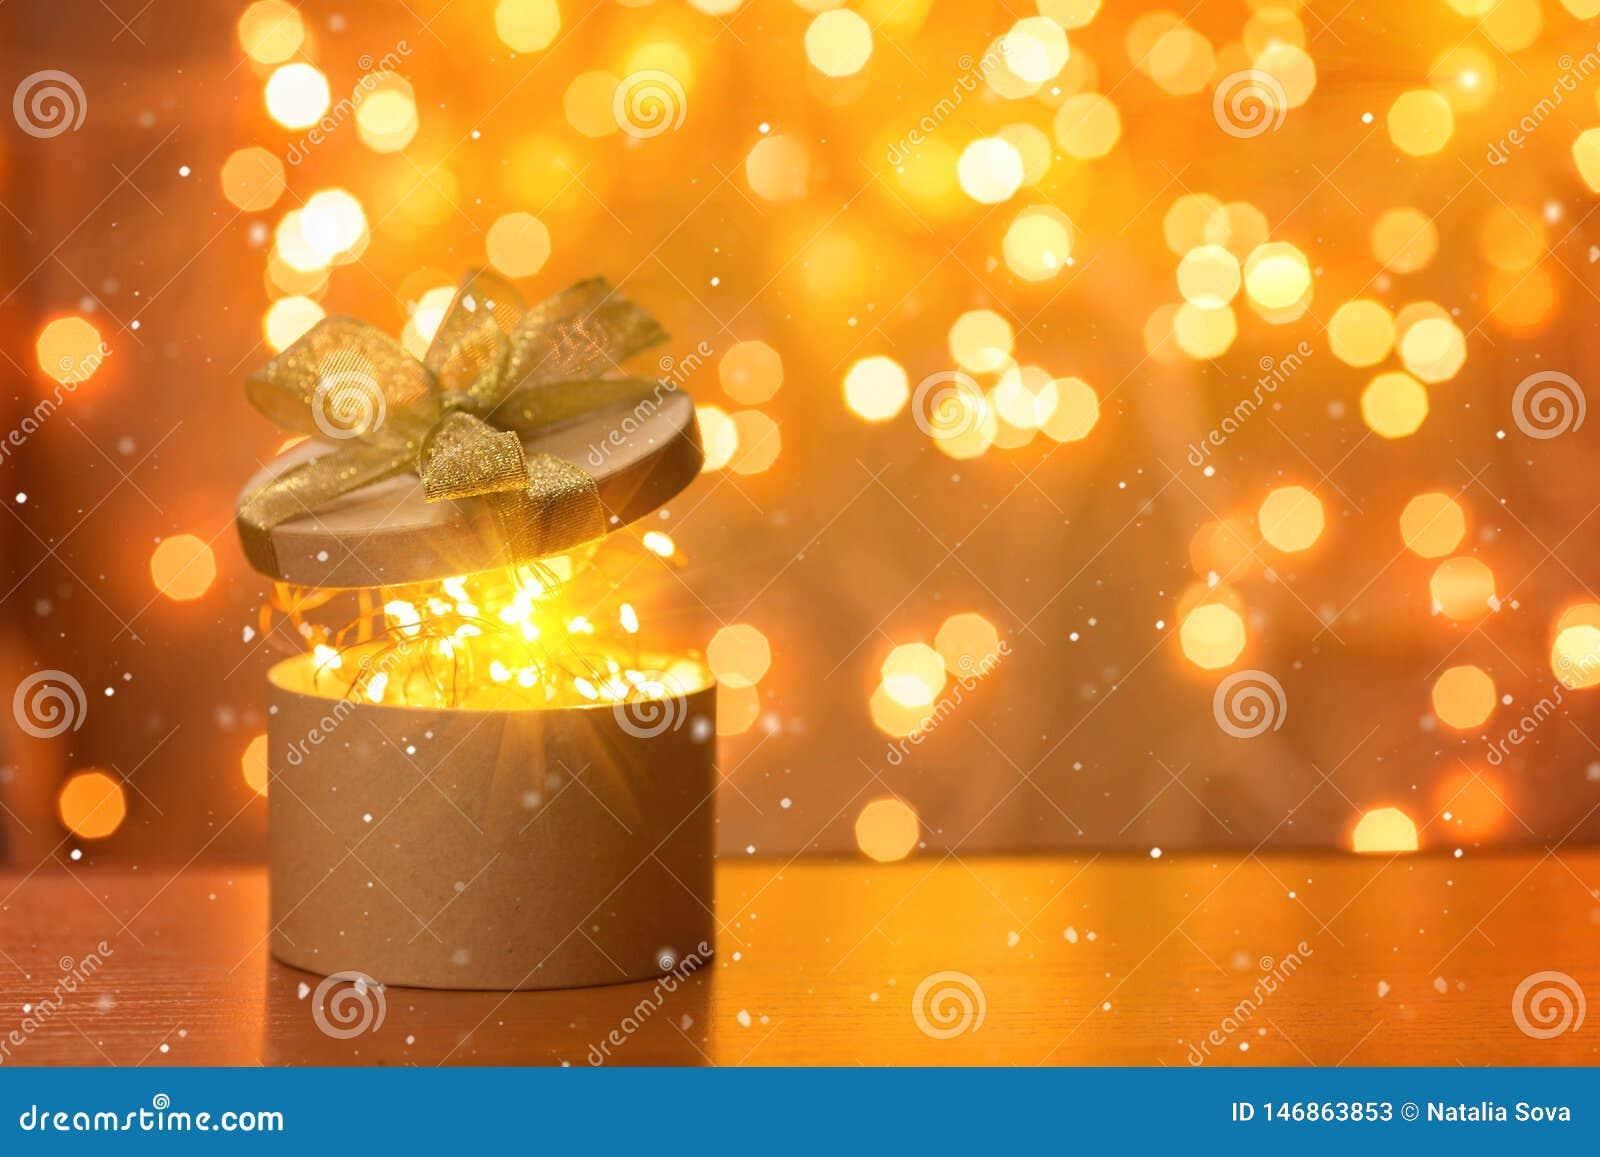 Χριστουγεννιάτικο δώρο στο μουτζουρωμένο υπόβαθρο φω των